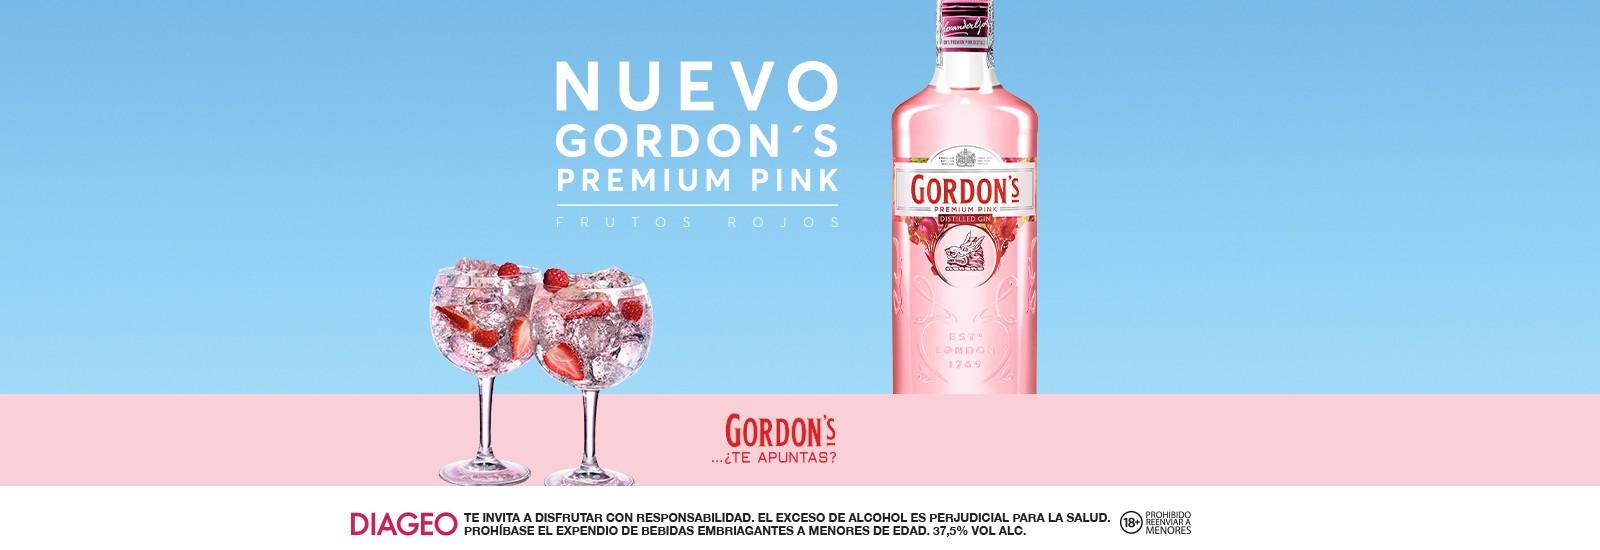 GINEBRA GORDONS PREMIUM PINK 700 ML